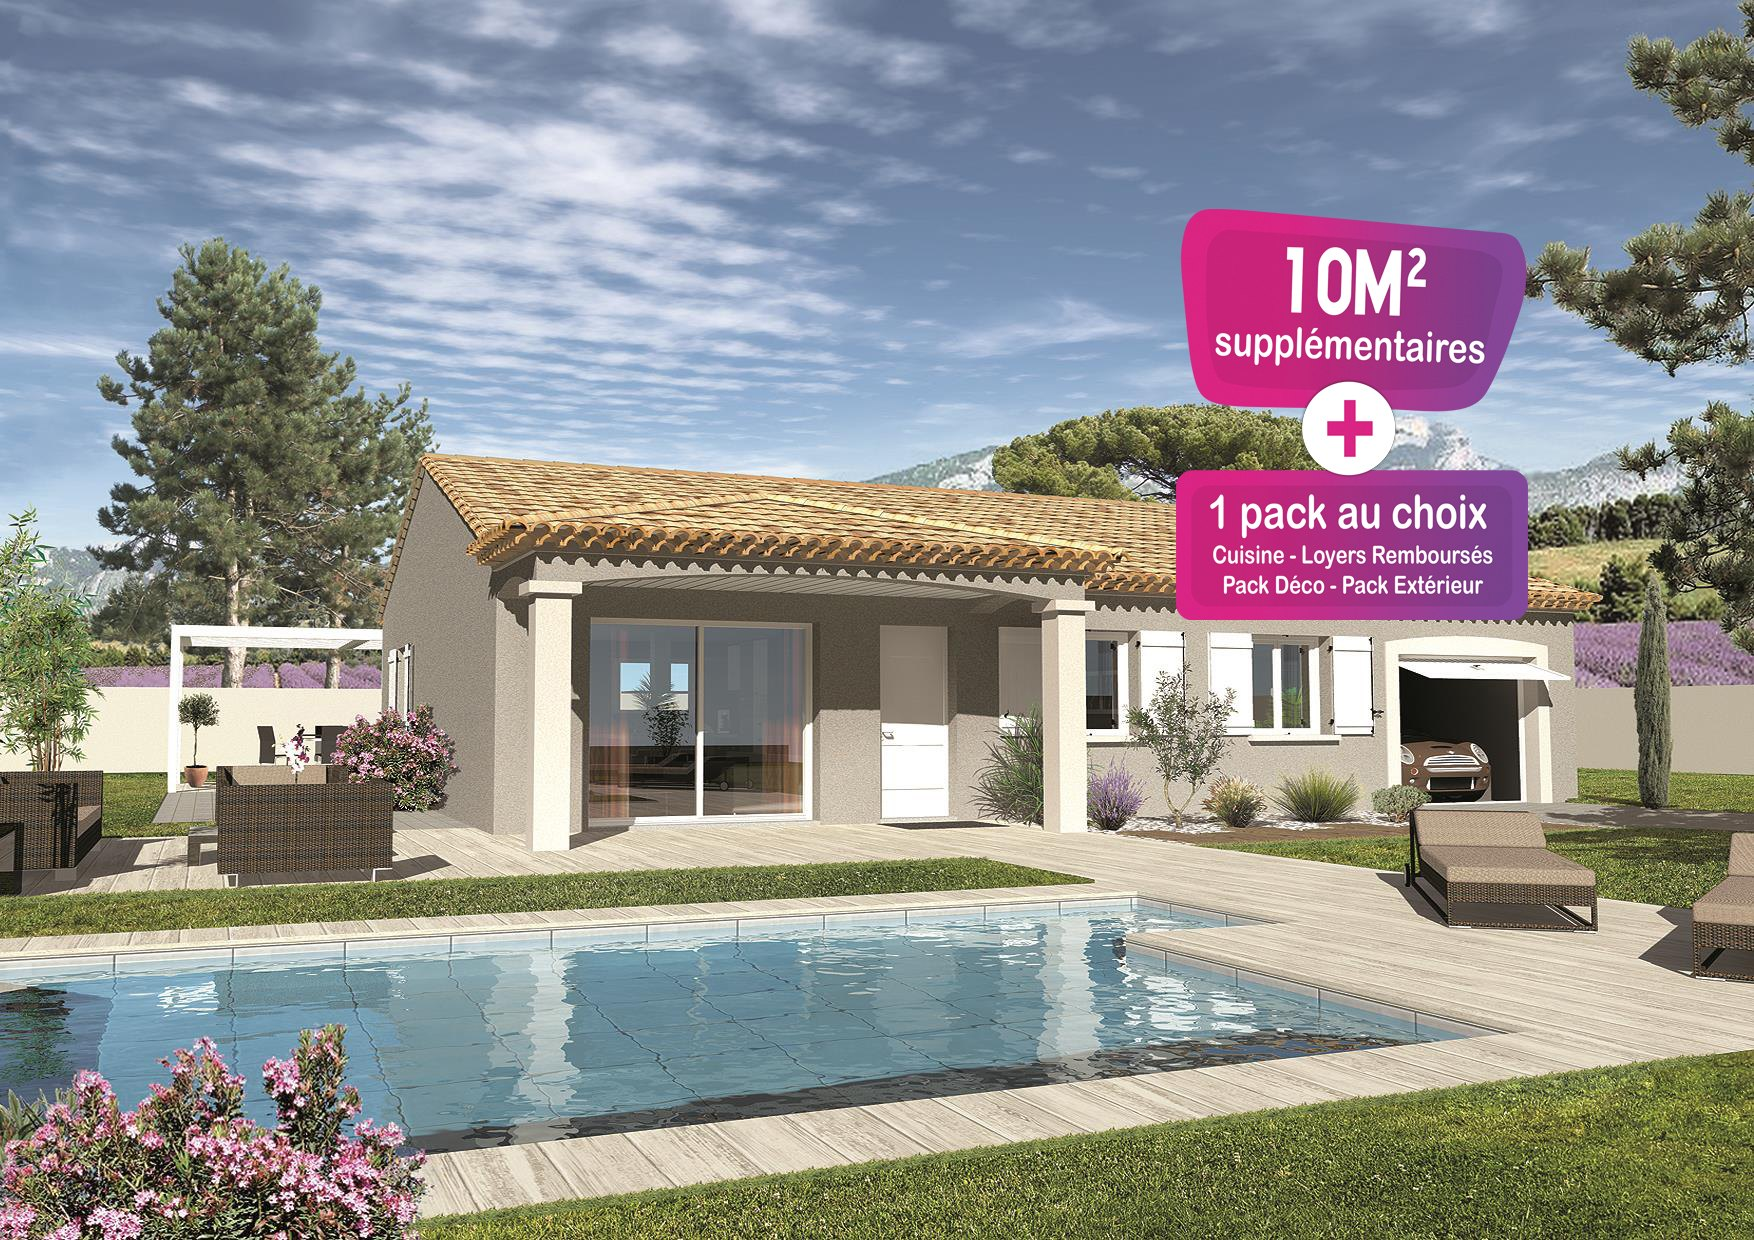 Maisons + Terrains du constructeur MAISONS PUNCH • 89 m² • MORMOIRON